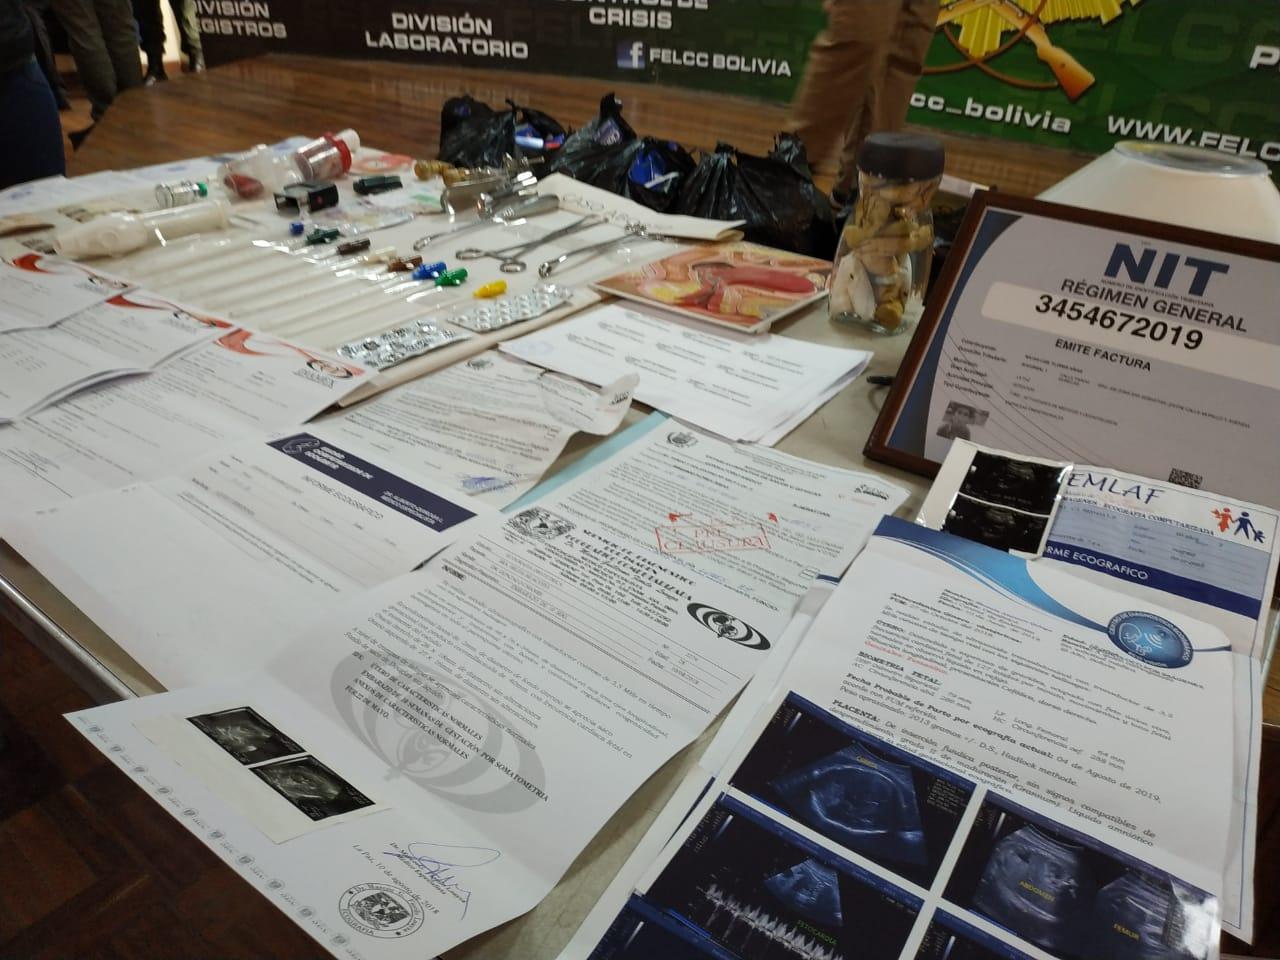 Sujeto con bata de la CNS también realizaba exámenes, ecografías y cirugía menores / ÁNGEL SALAZAR